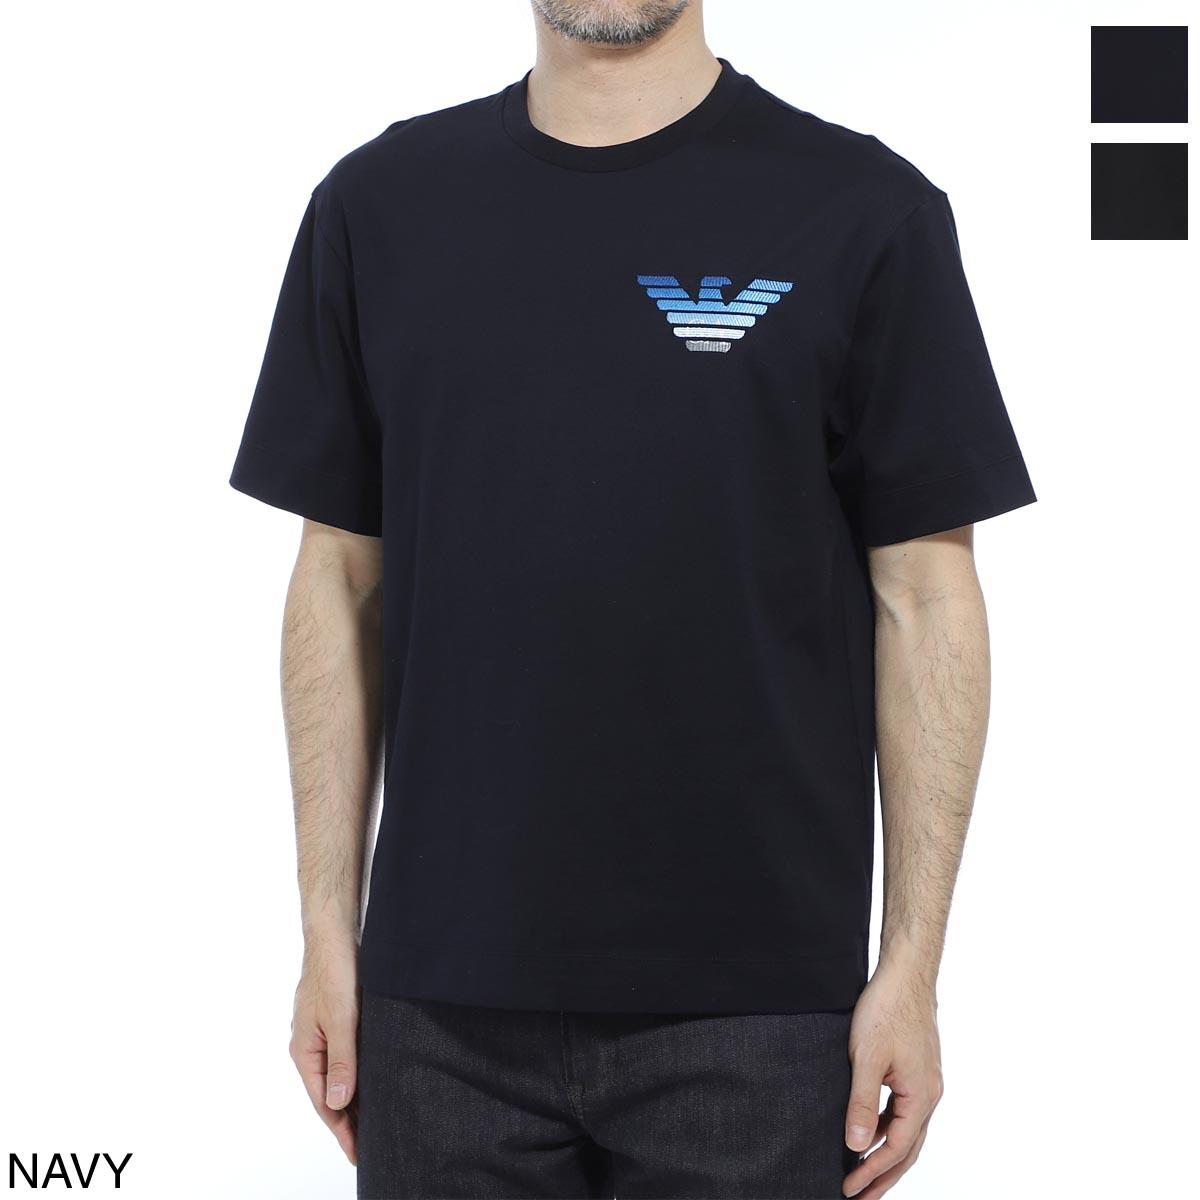 エンポリオアルマーニ EMPORIO ARMANI クルーネックTシャツ メンズ 3h1tn6 1jcqz f988【あす楽対応_関東】【返品送料無料】【ラッピング無料】